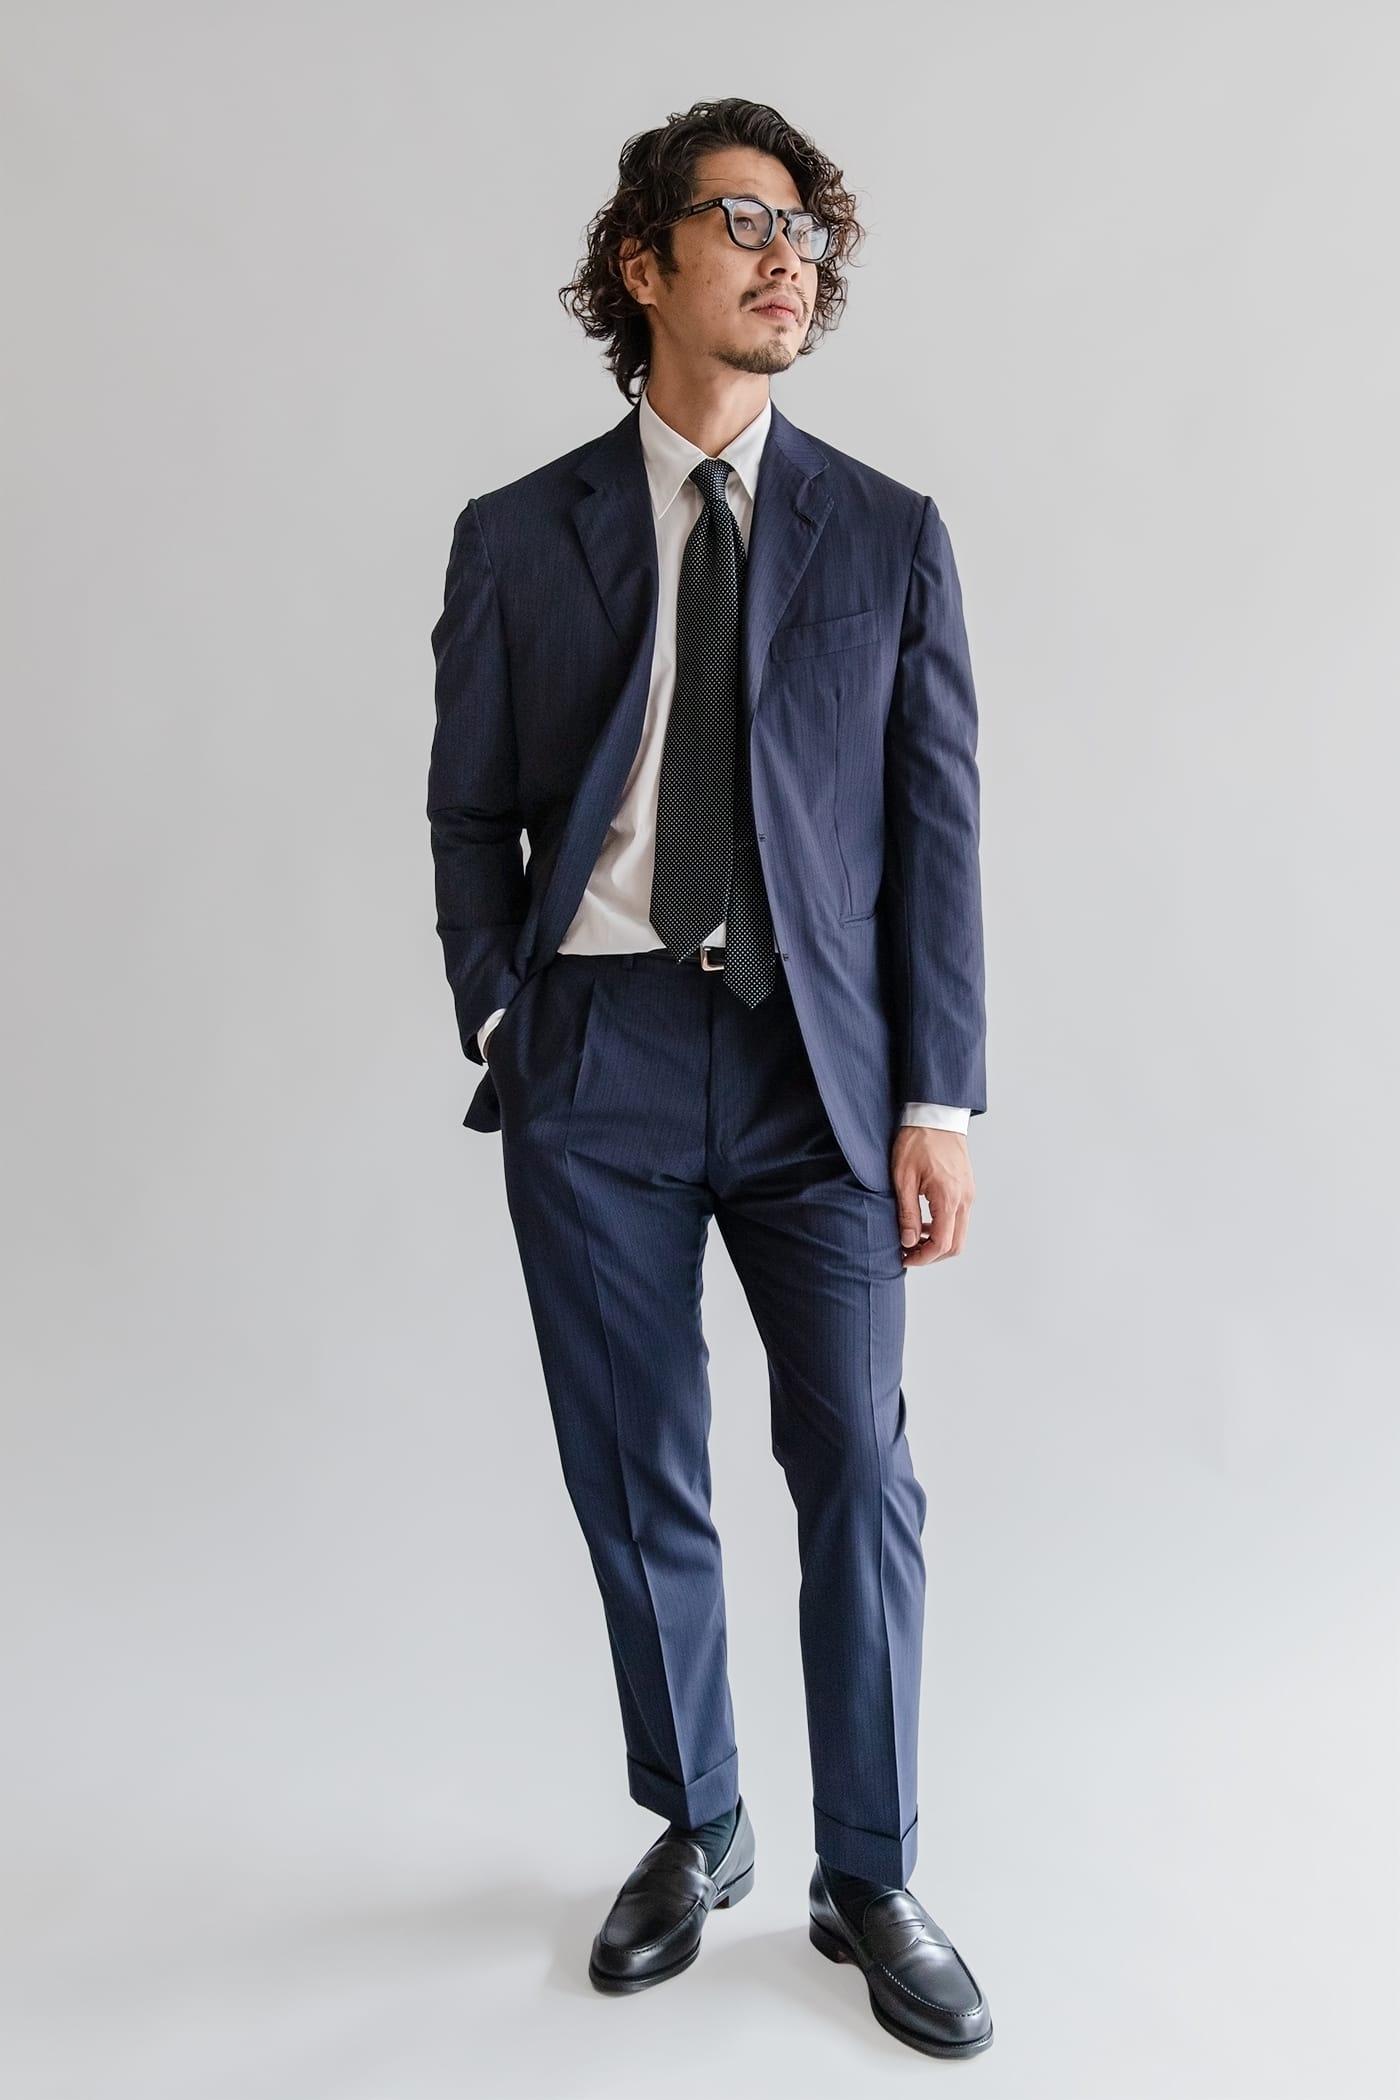 ドレスシャツ「ロンドン」 襟型が変われば、王道ネイビースーツも新鮮に